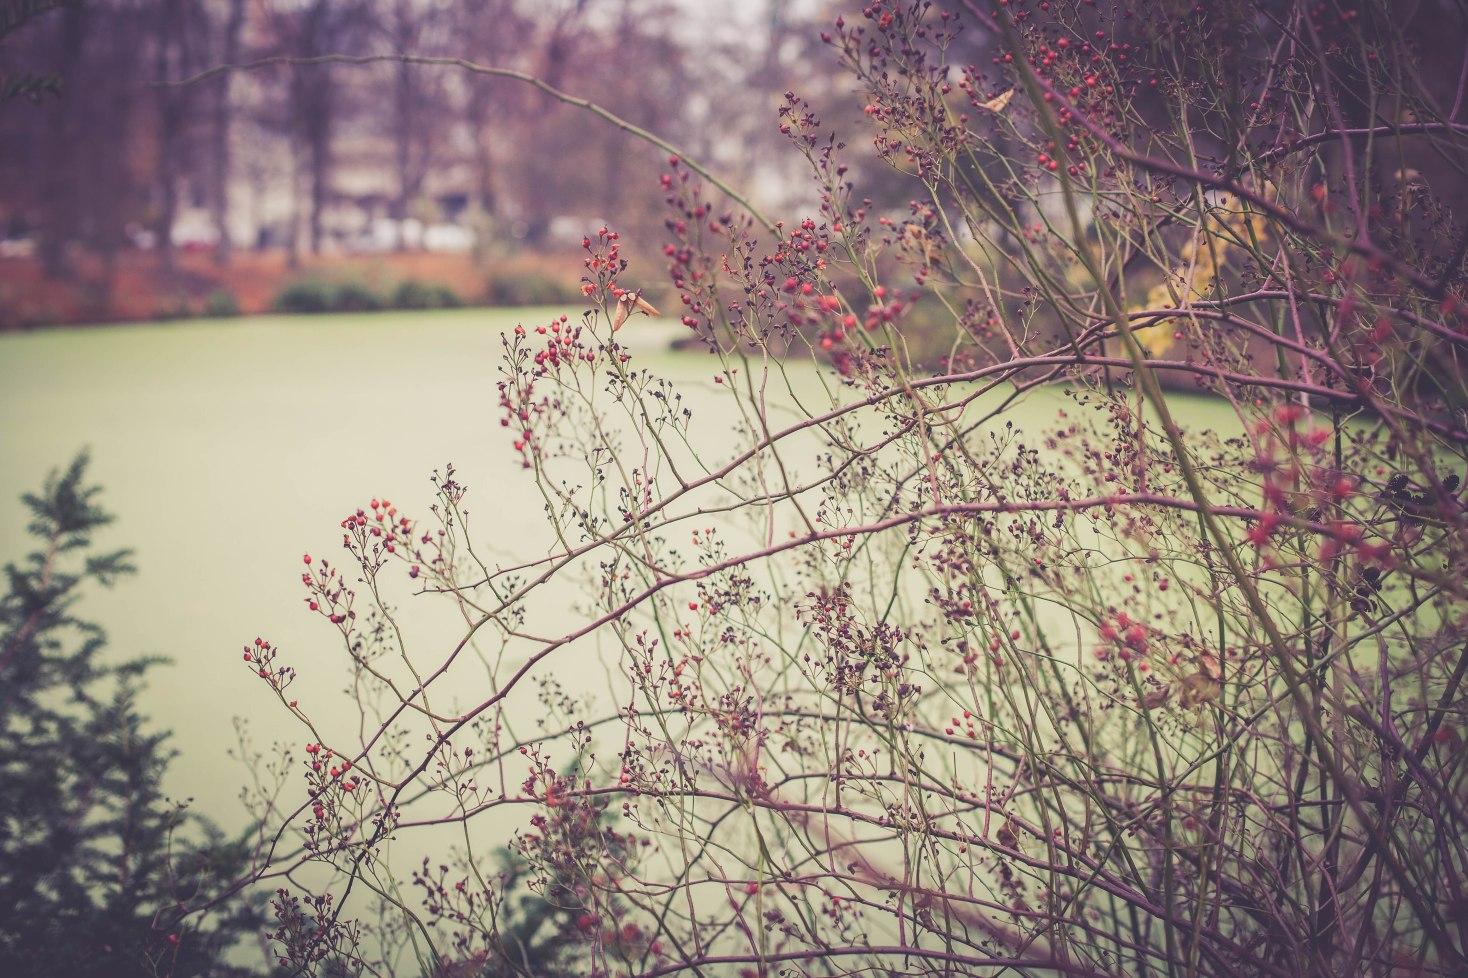 Die Früchte des Herbstes sind wie die Blüten im Frühling und Sommer.